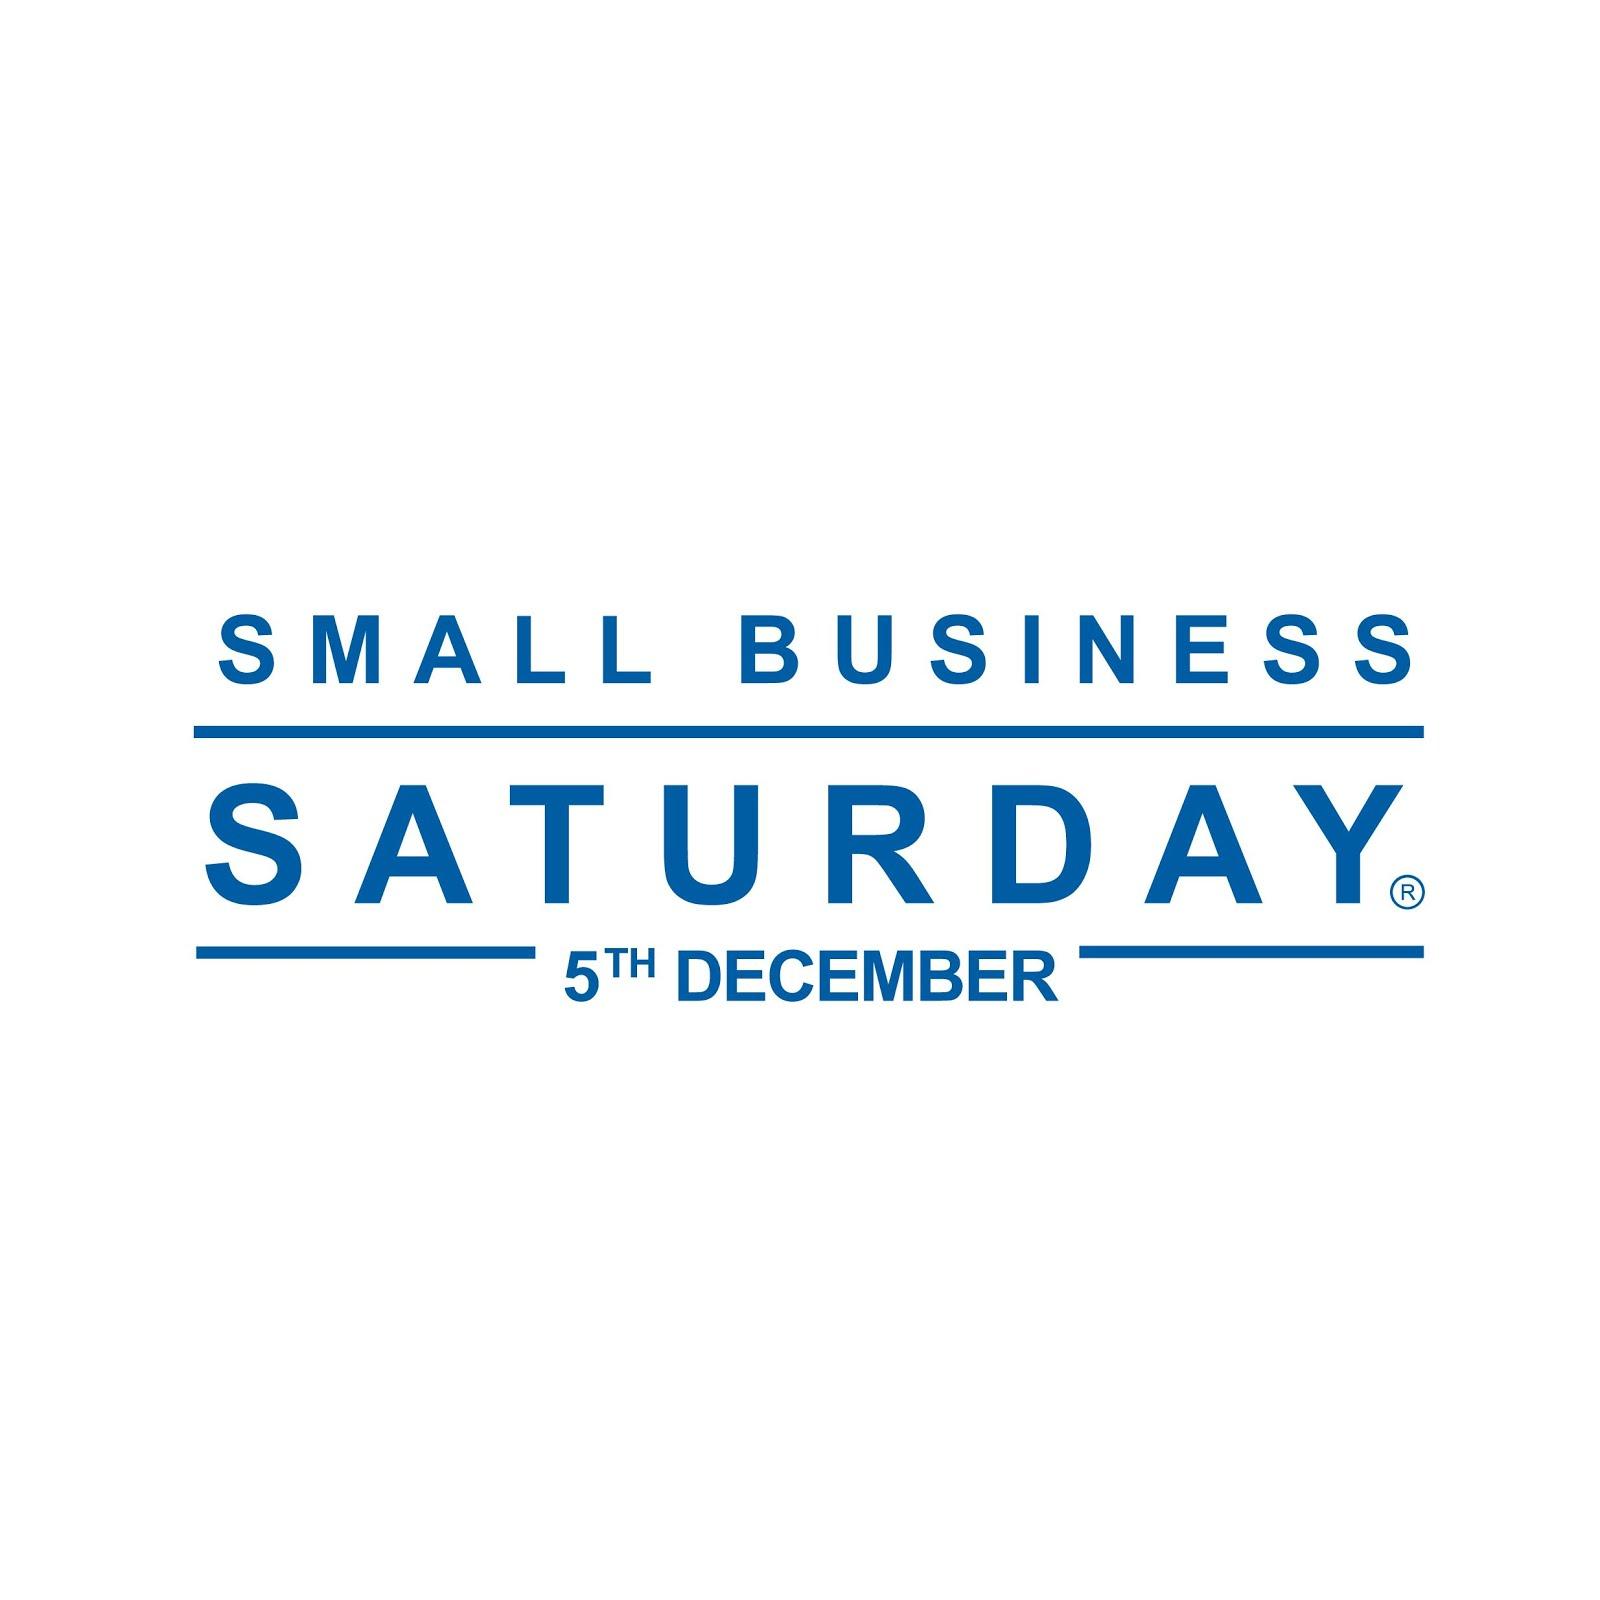 Small Business Saturday 5th Dec